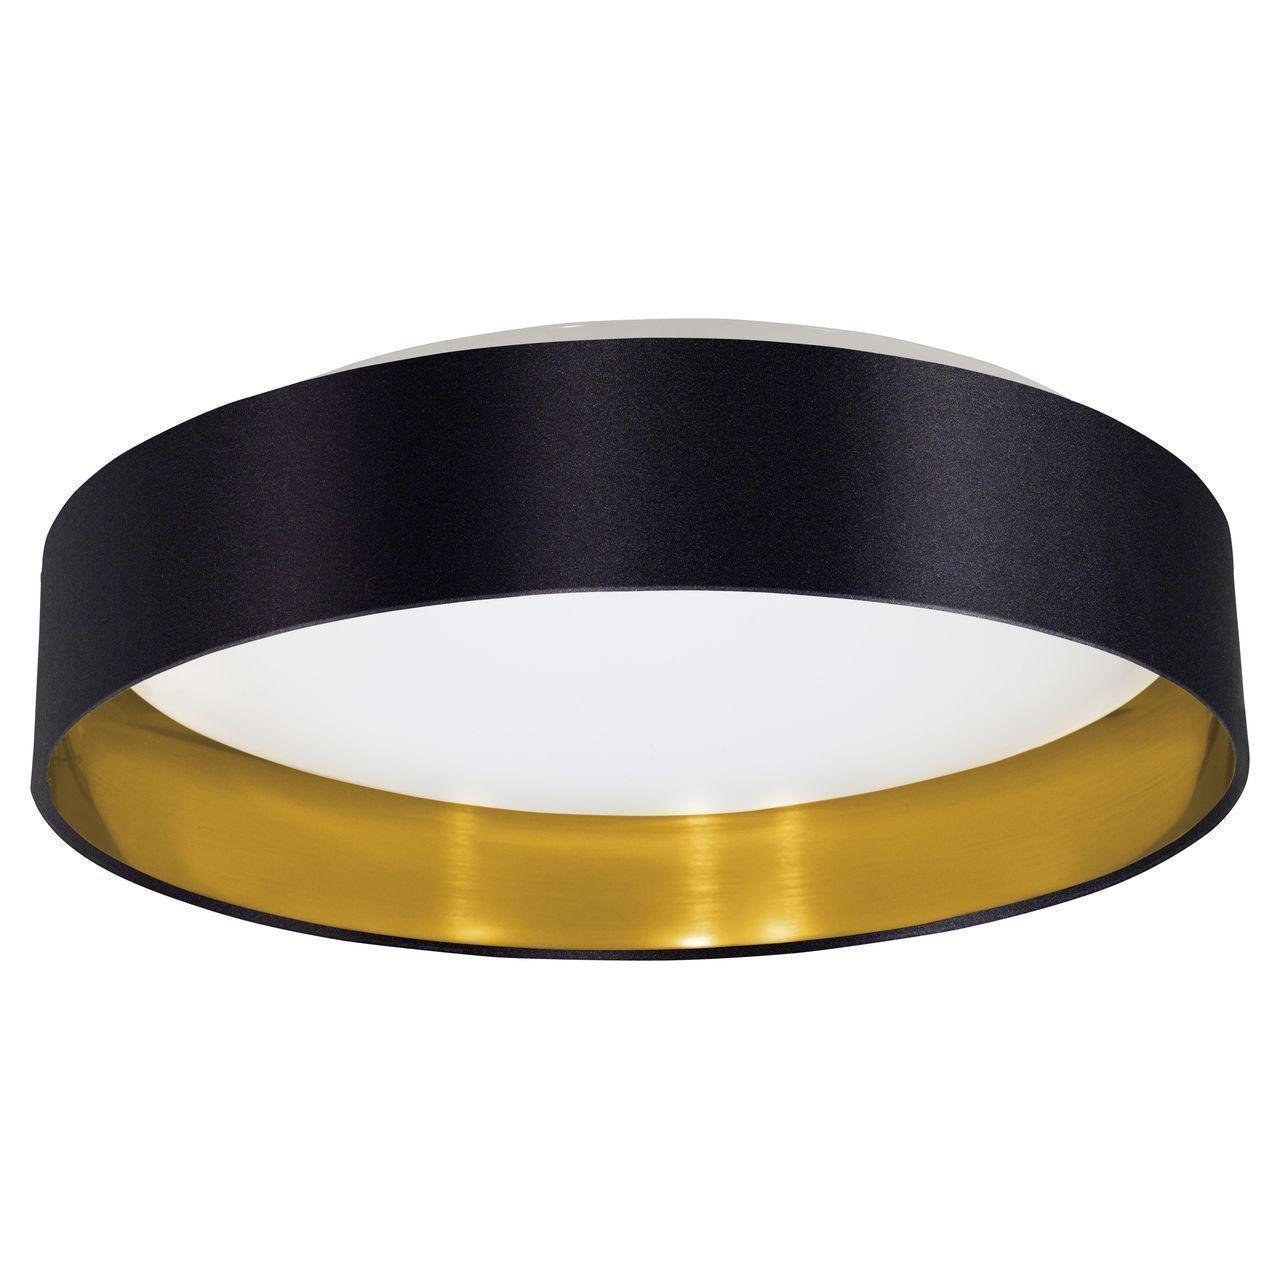 Потолочный светильник Eglo Maserlo 31622 потолочный светильник eglo maserlo 31624